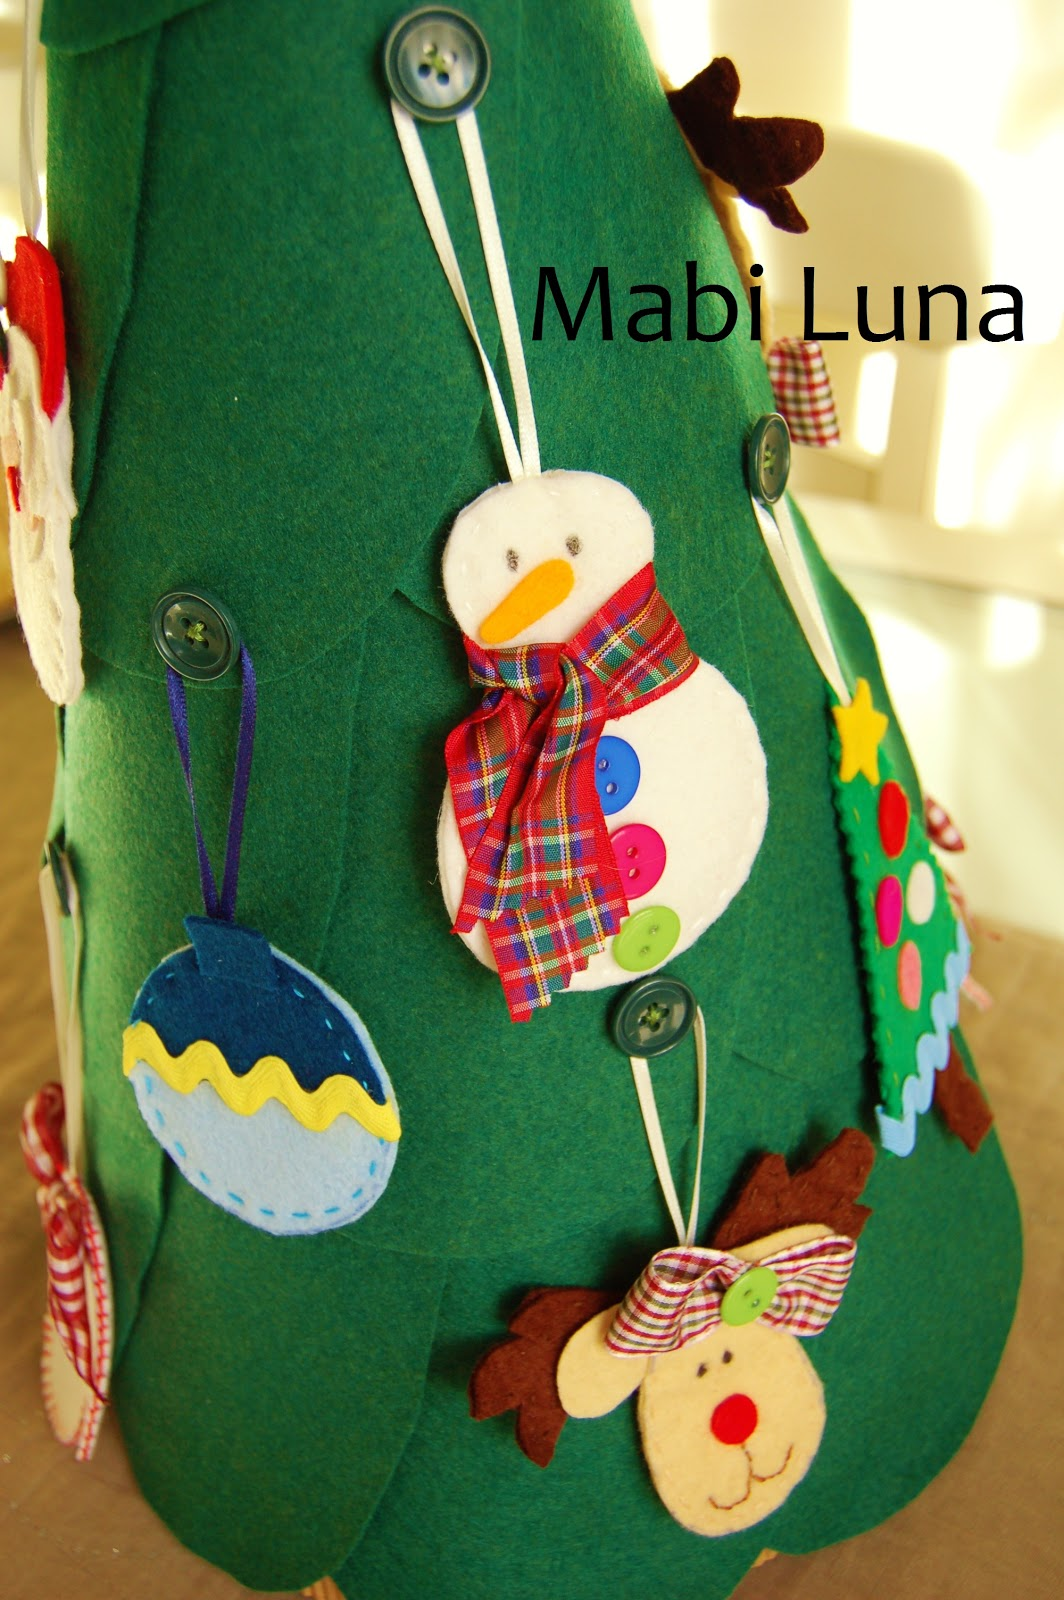 Mabi luna rbol de navidad de fieltro manualidades - Manualidades de navidad para ninos pequenos ...